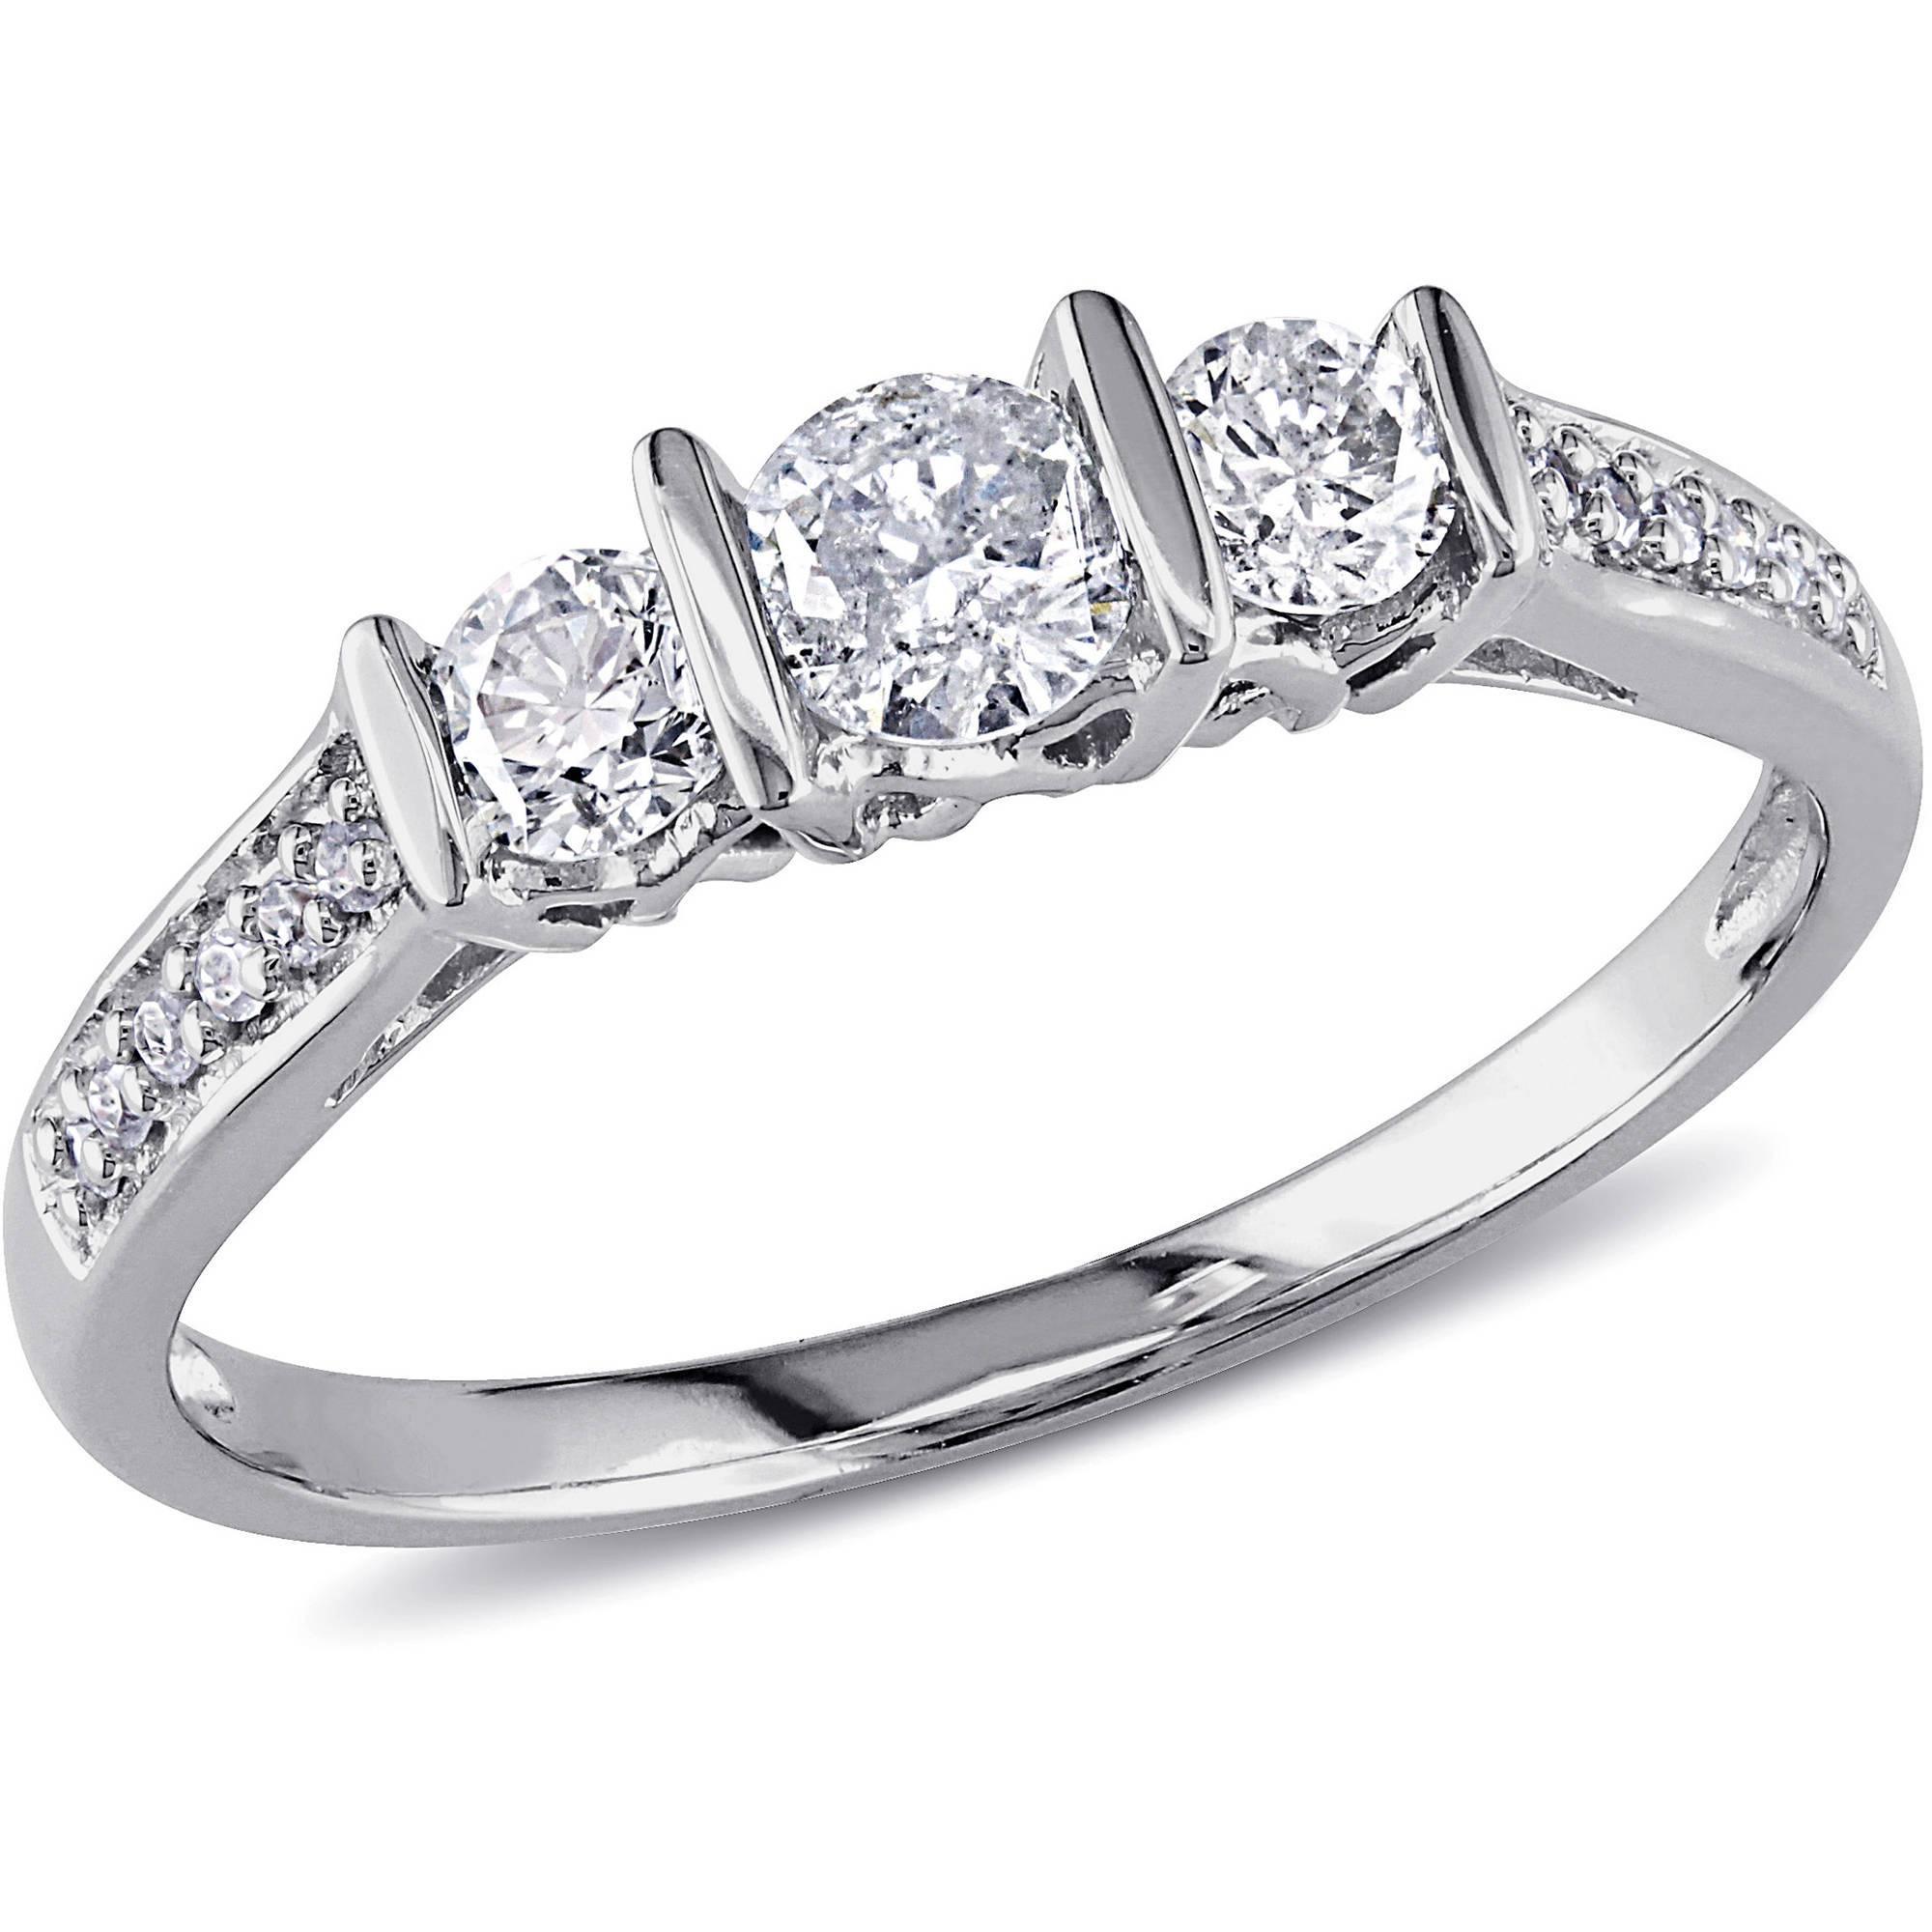 Keepsake Diamond Rings In Diamond Engagement Rings Under 300 (Gallery 15 of 15)